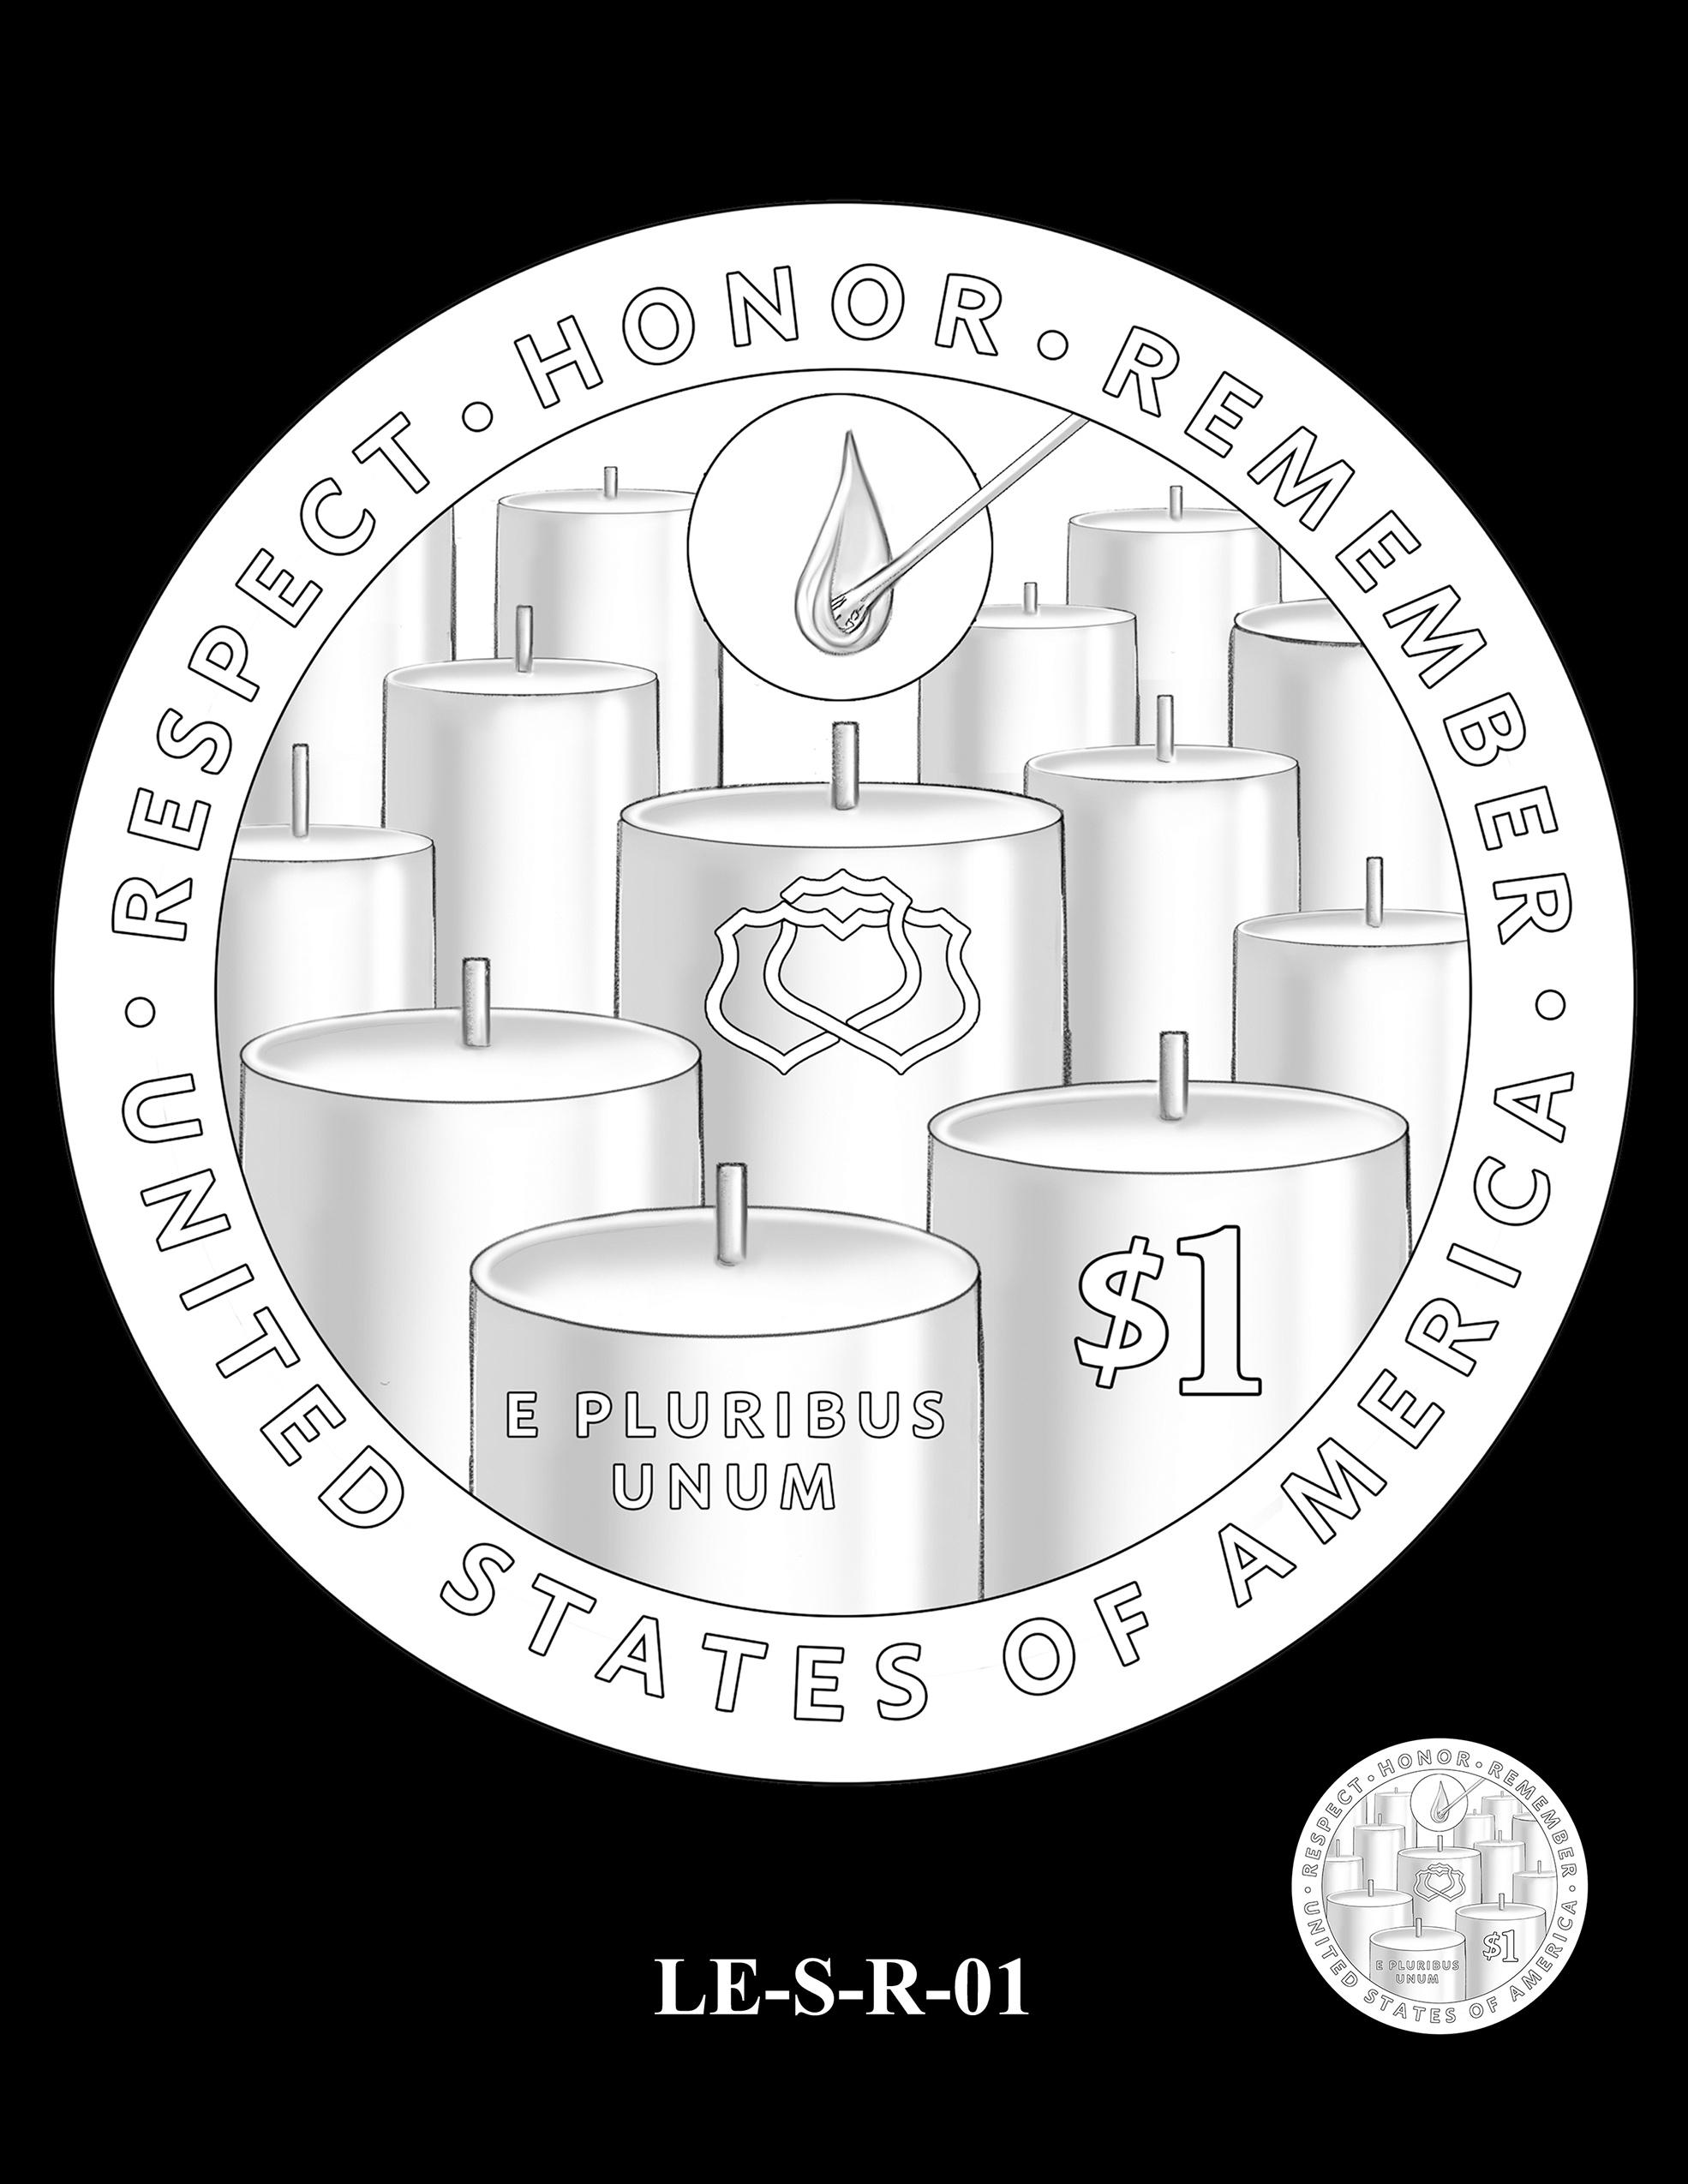 LE-S-R-01 -- National Law Enforcement Museum Commemorative Coin Program